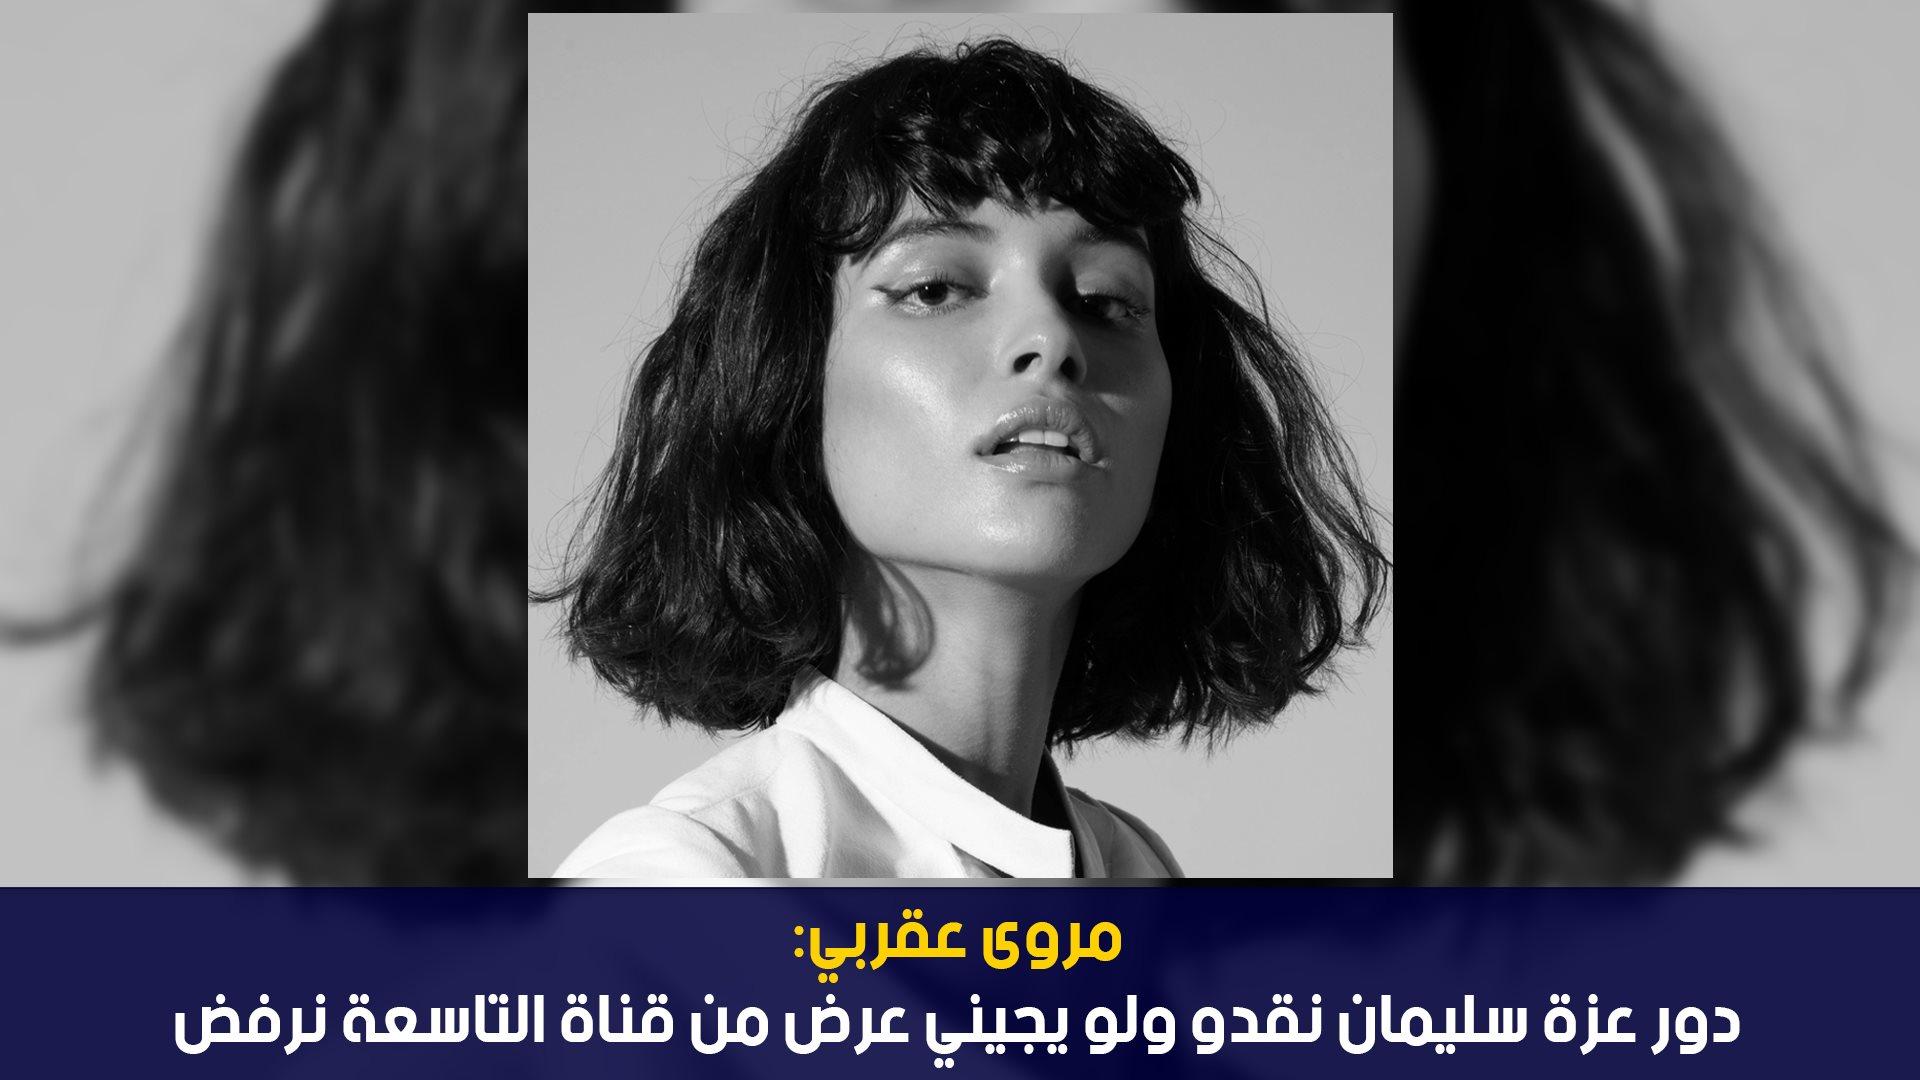 مروى عقربي: دور عزة سليمان نقدو ولو يجيني عرض من قناة التاسعة نرفض